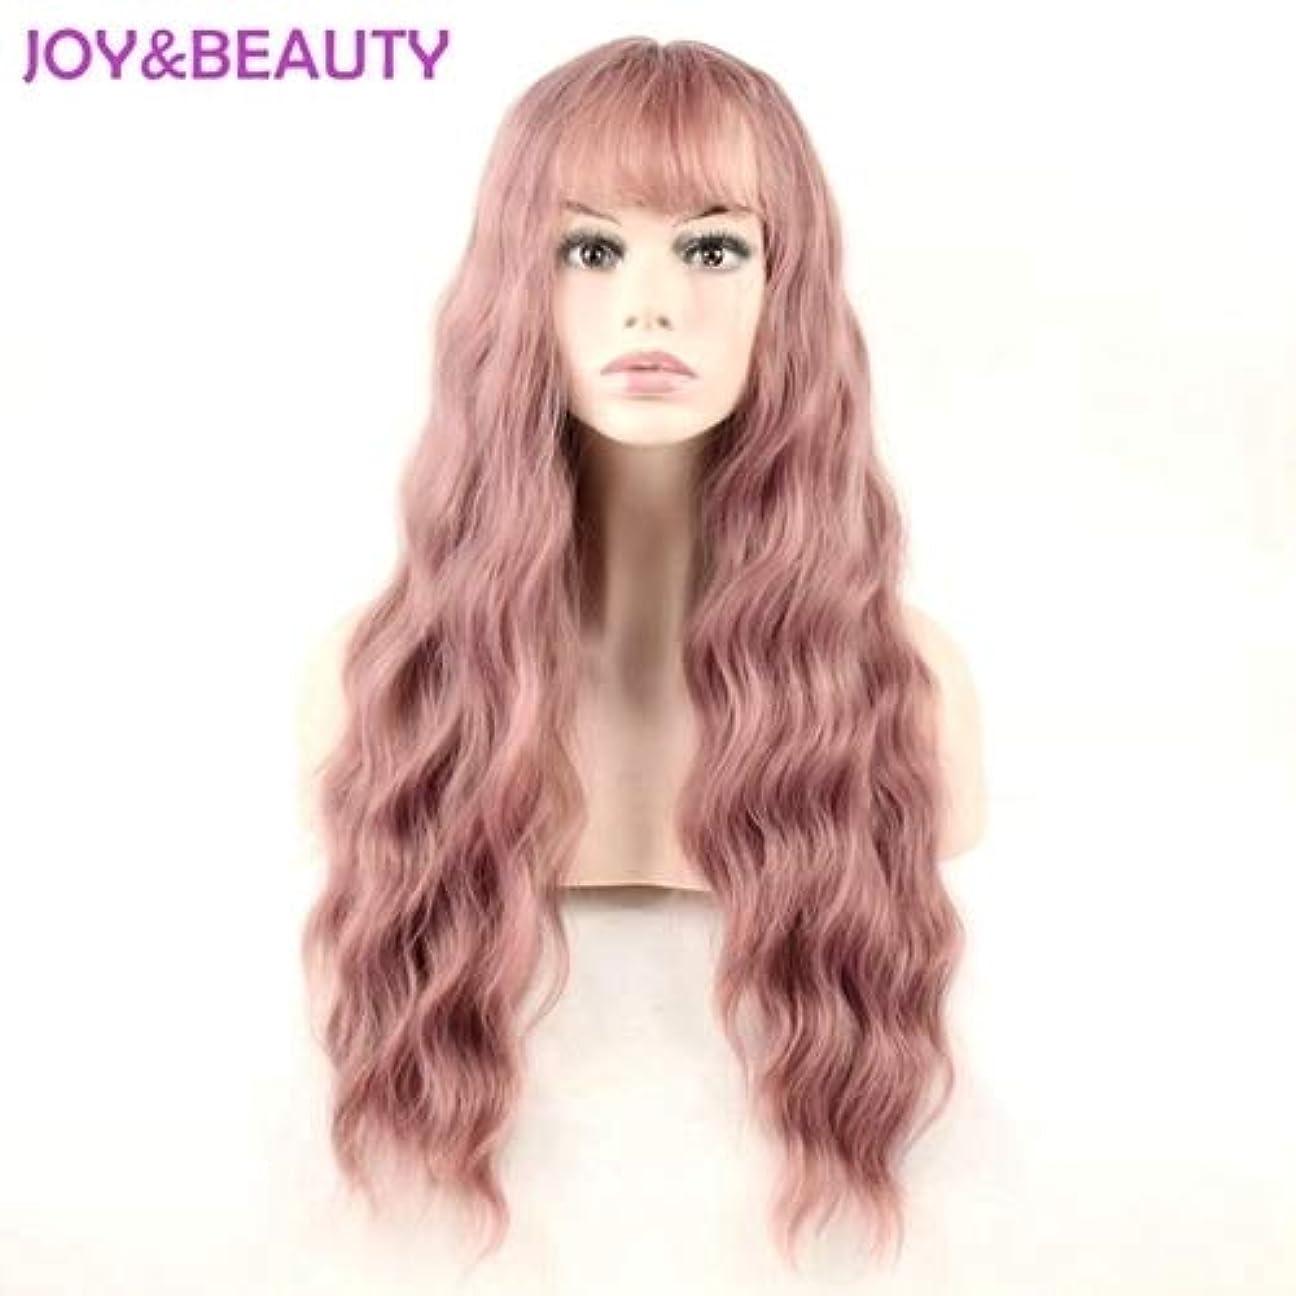 インデックス名前でパンフレット美しく JOY&BEAUTYUltra薄型前髪ロングカーリーウィッグの合成かつらグレーブラックピンク26インチ高温ファイバーの女性のかつら (Color : Pink, Stretched Length : 26inches)